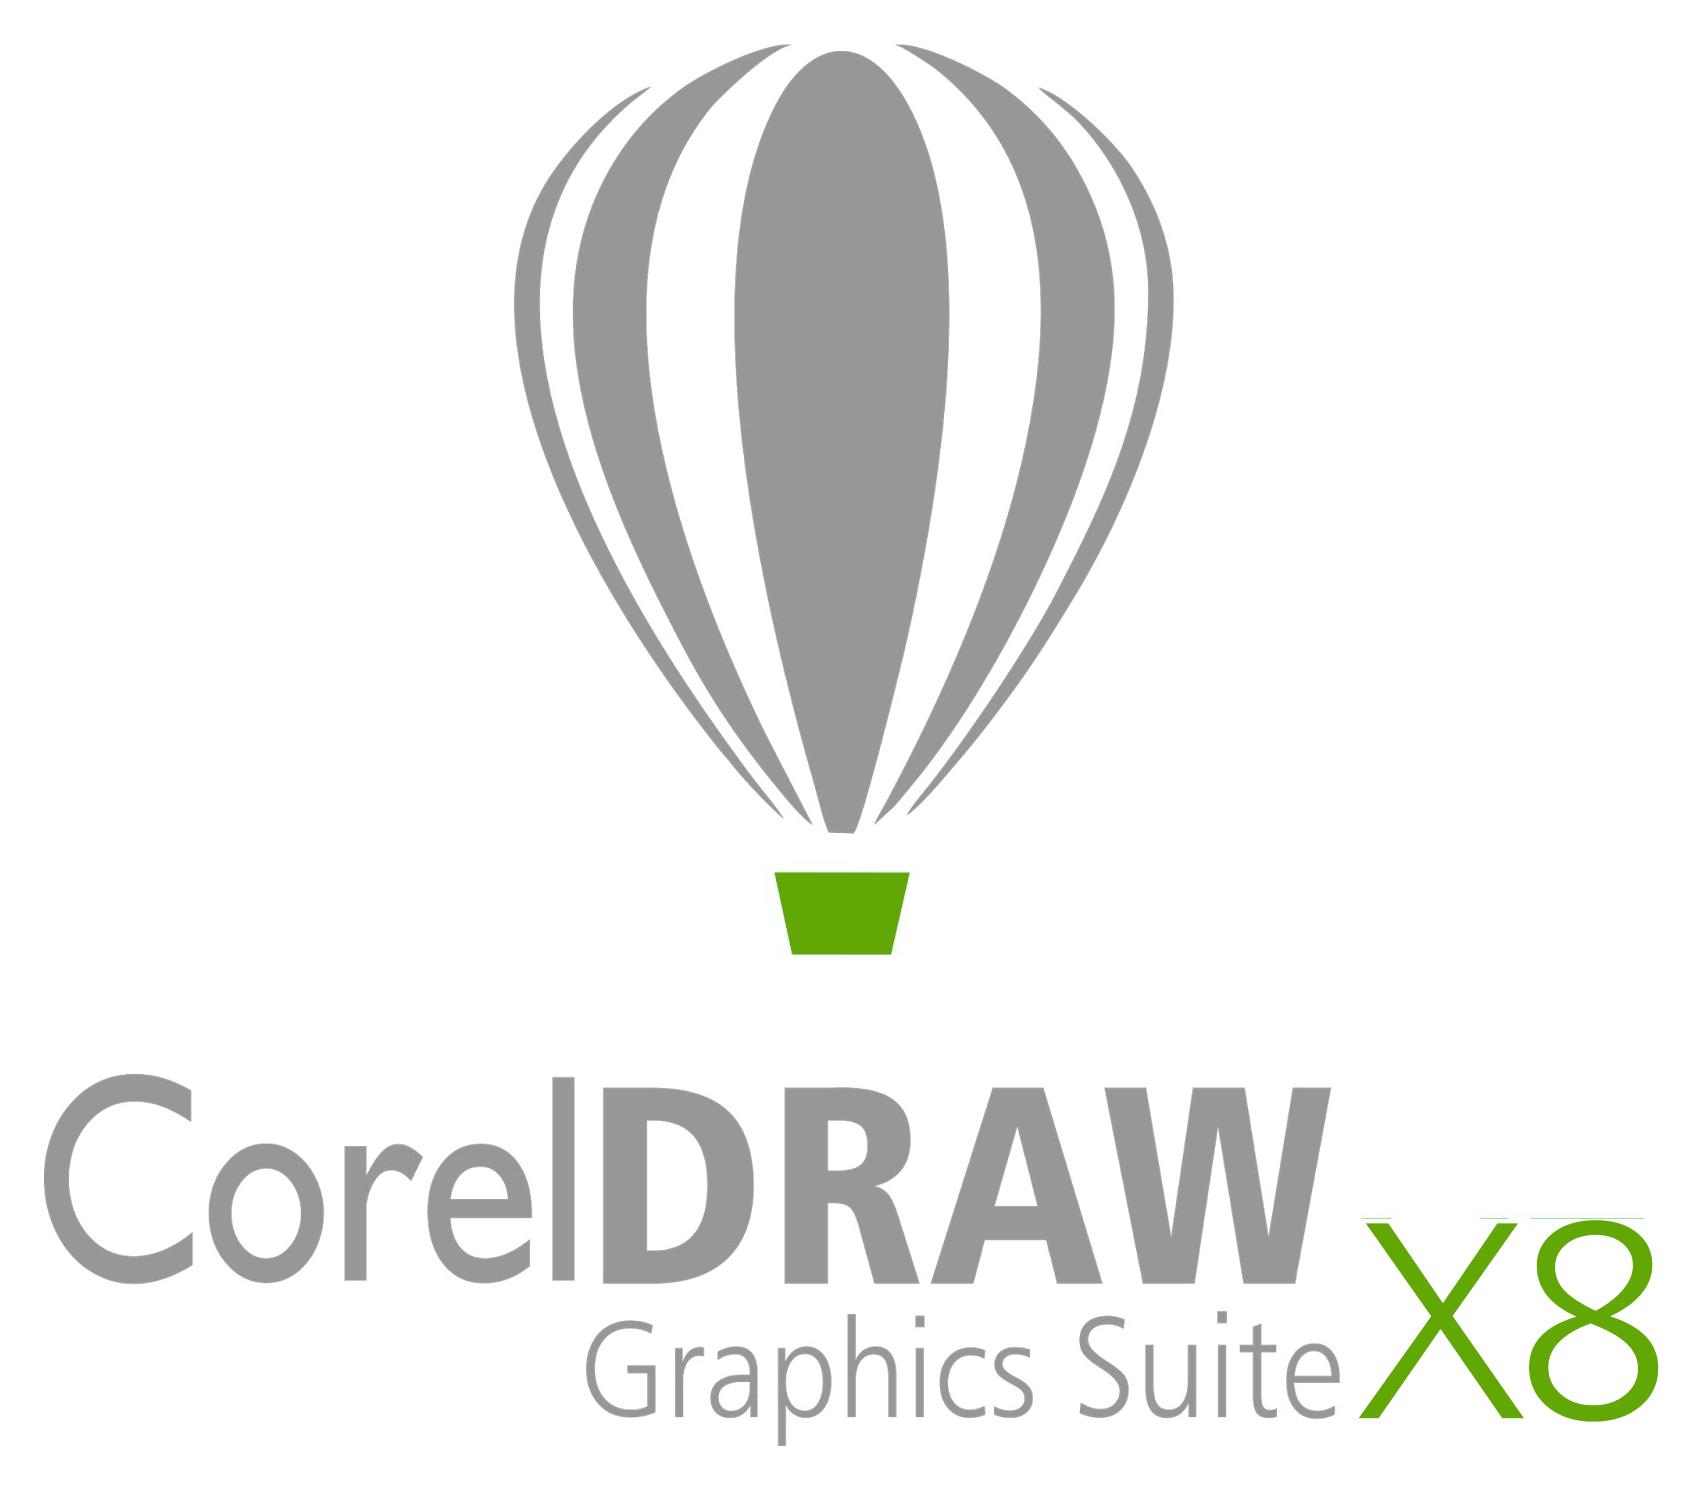 download corel draw 2019 crackeado